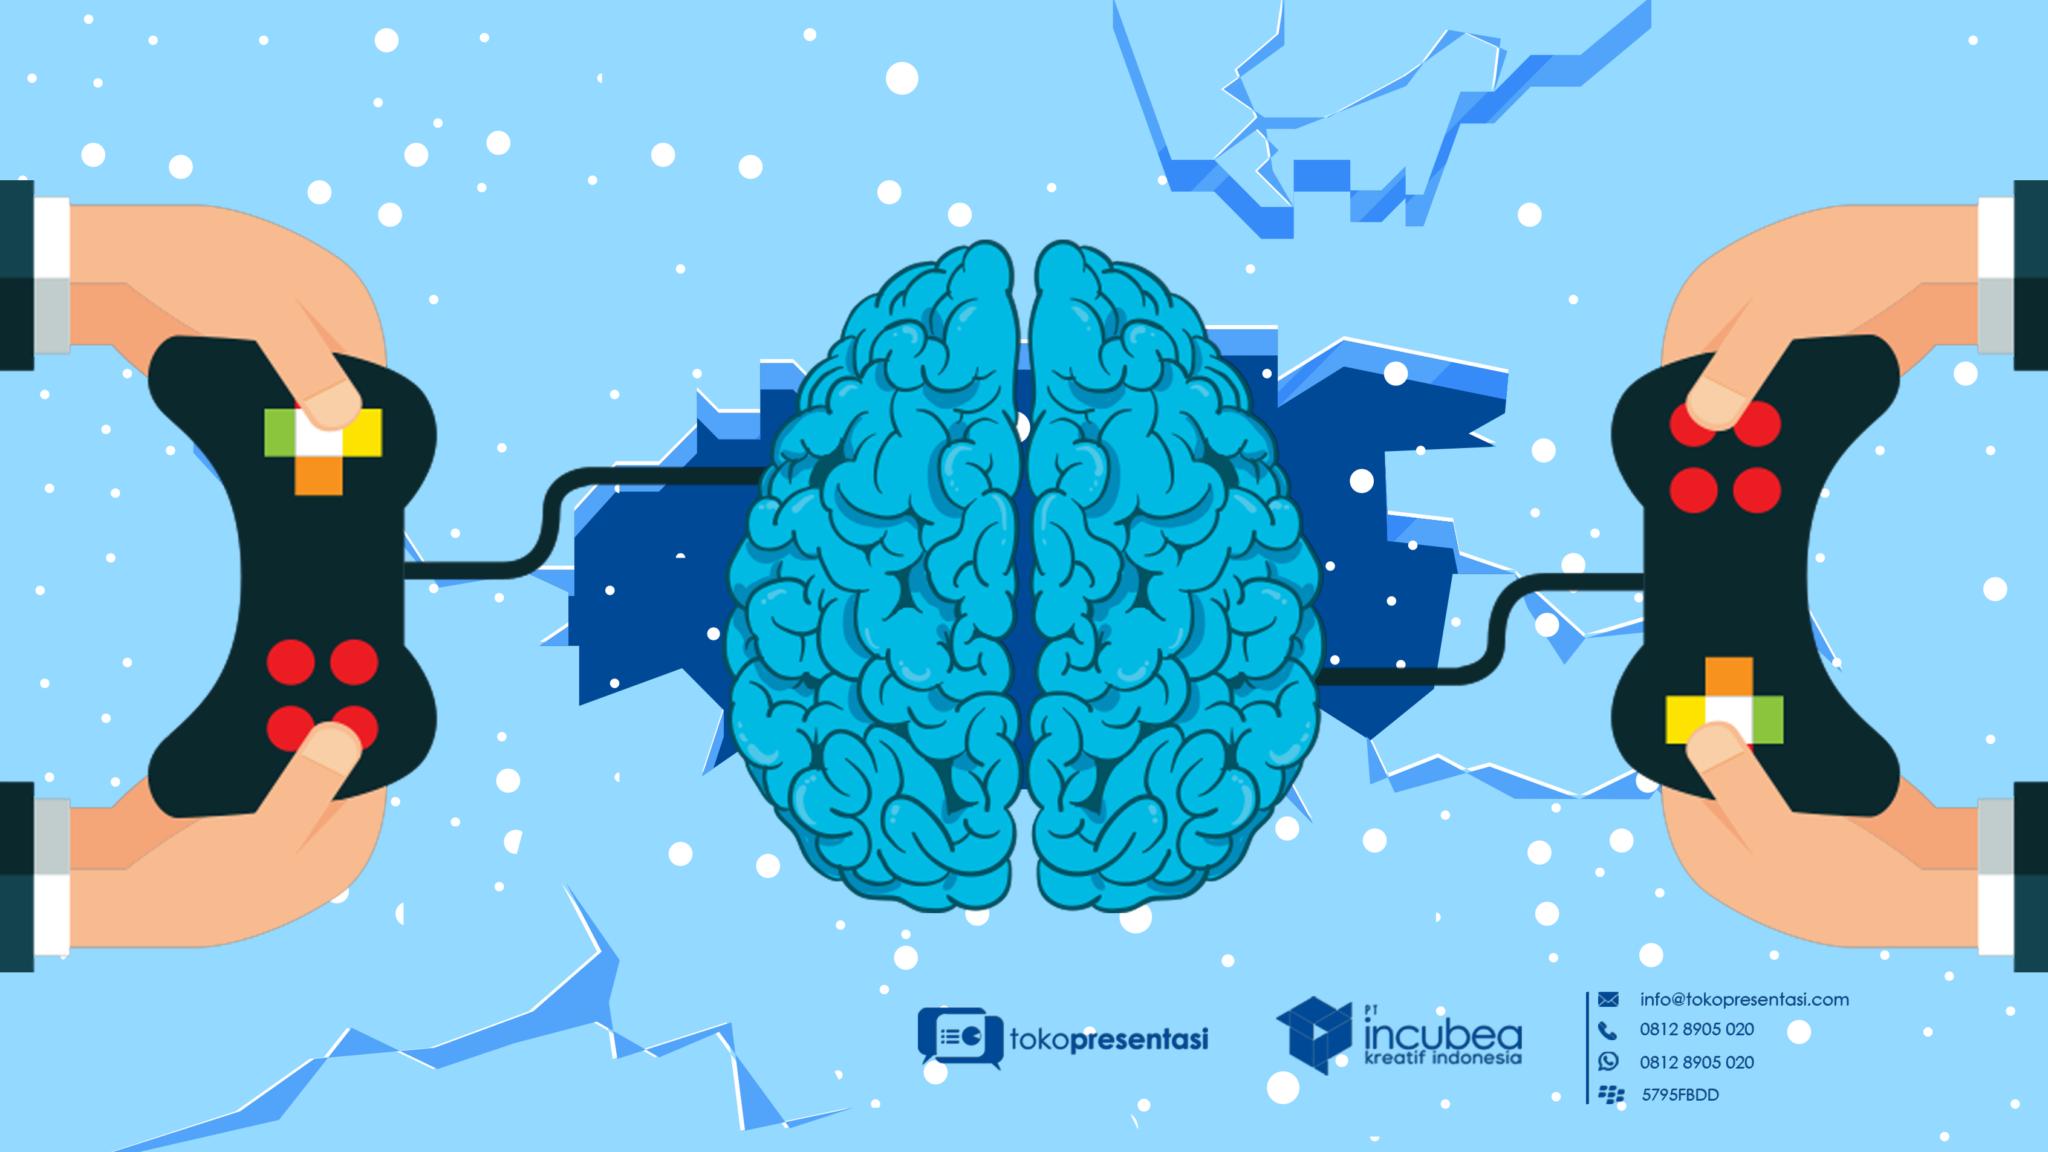 Permainan Brain Games untuk Ice Breaking - Tokopresentasi